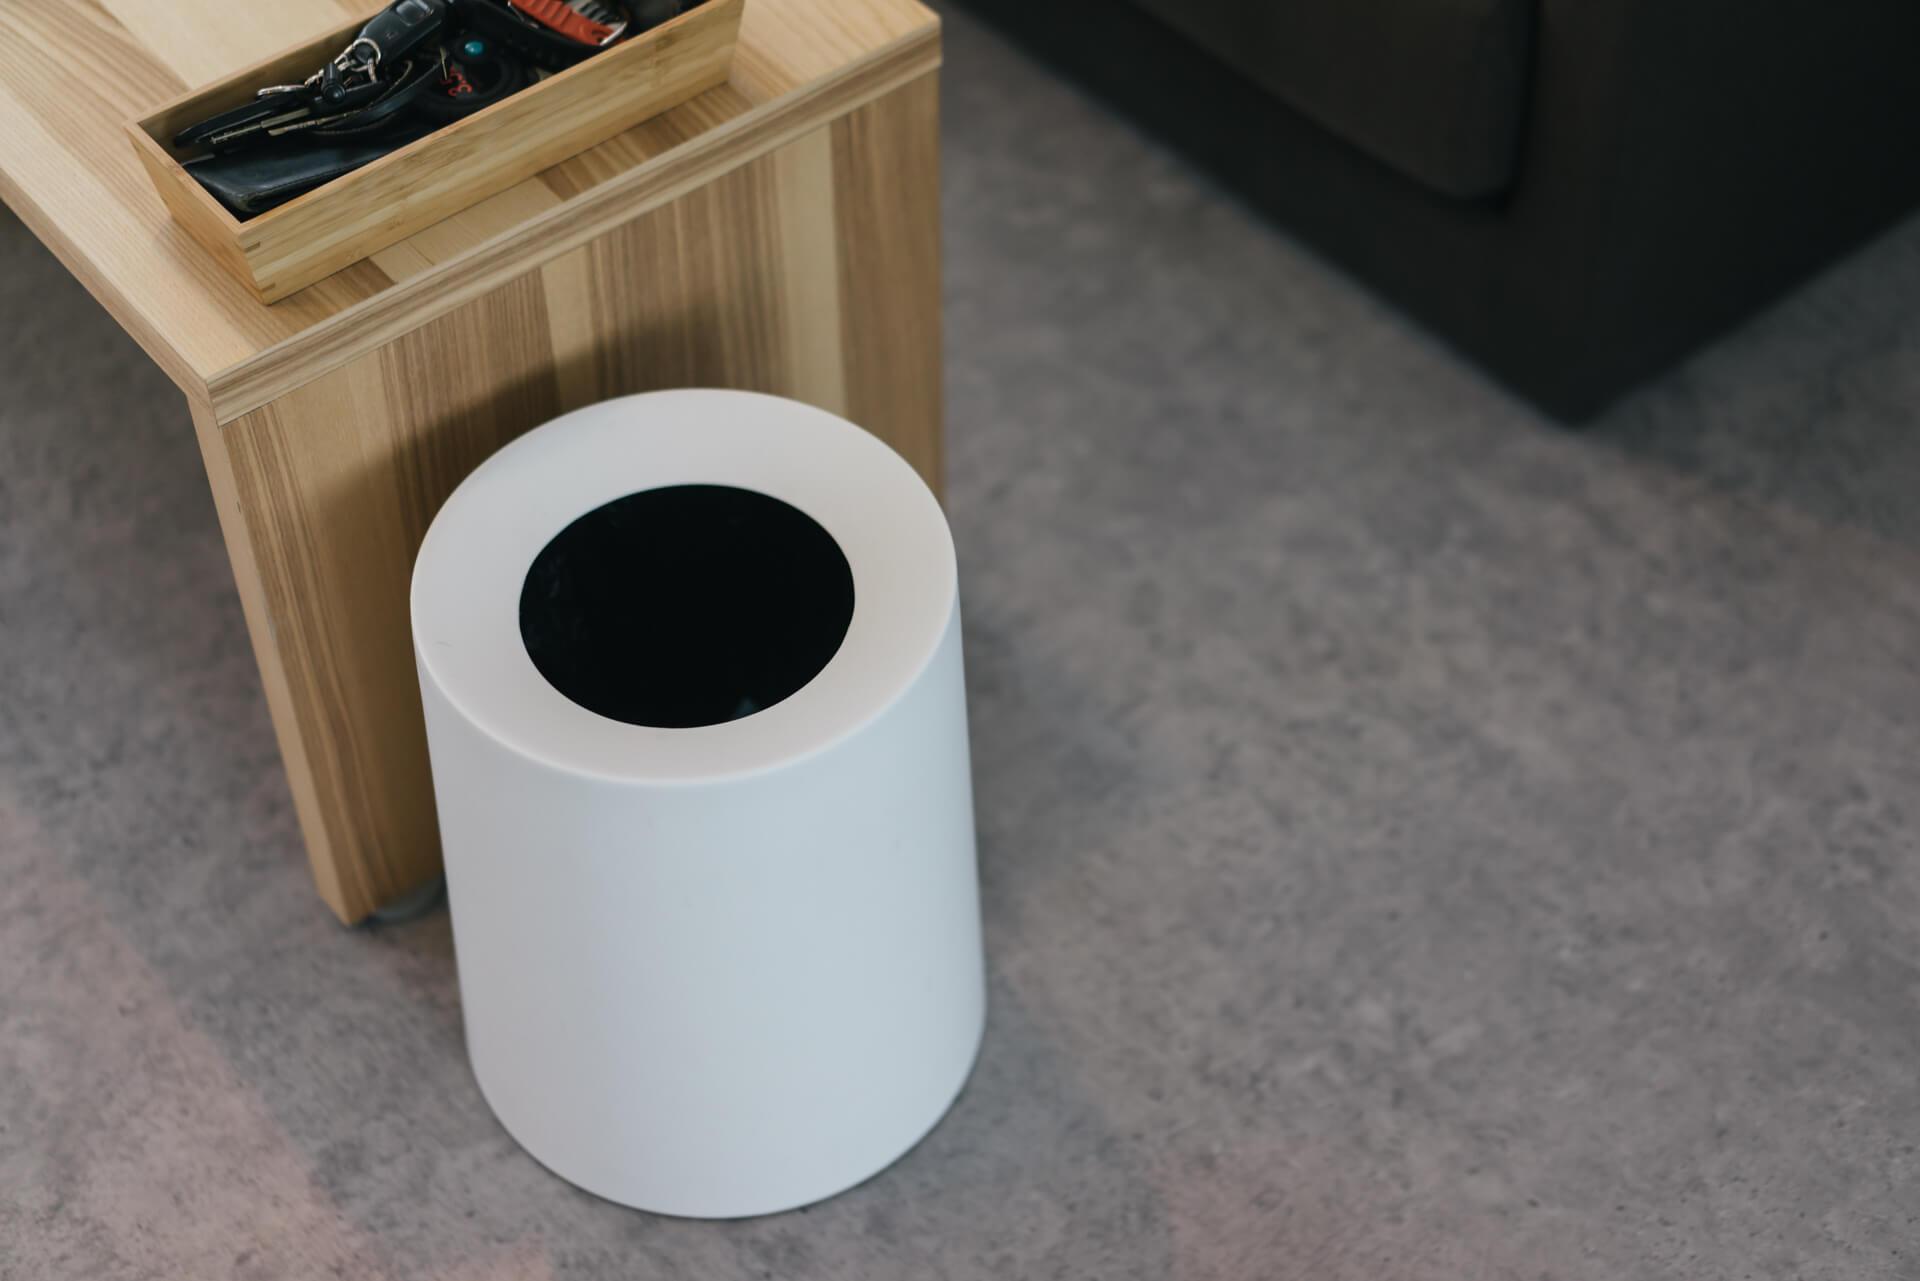 ゴミ袋の存在感を消す。ideaco のゴミ箱「TUBELOR HOMME」